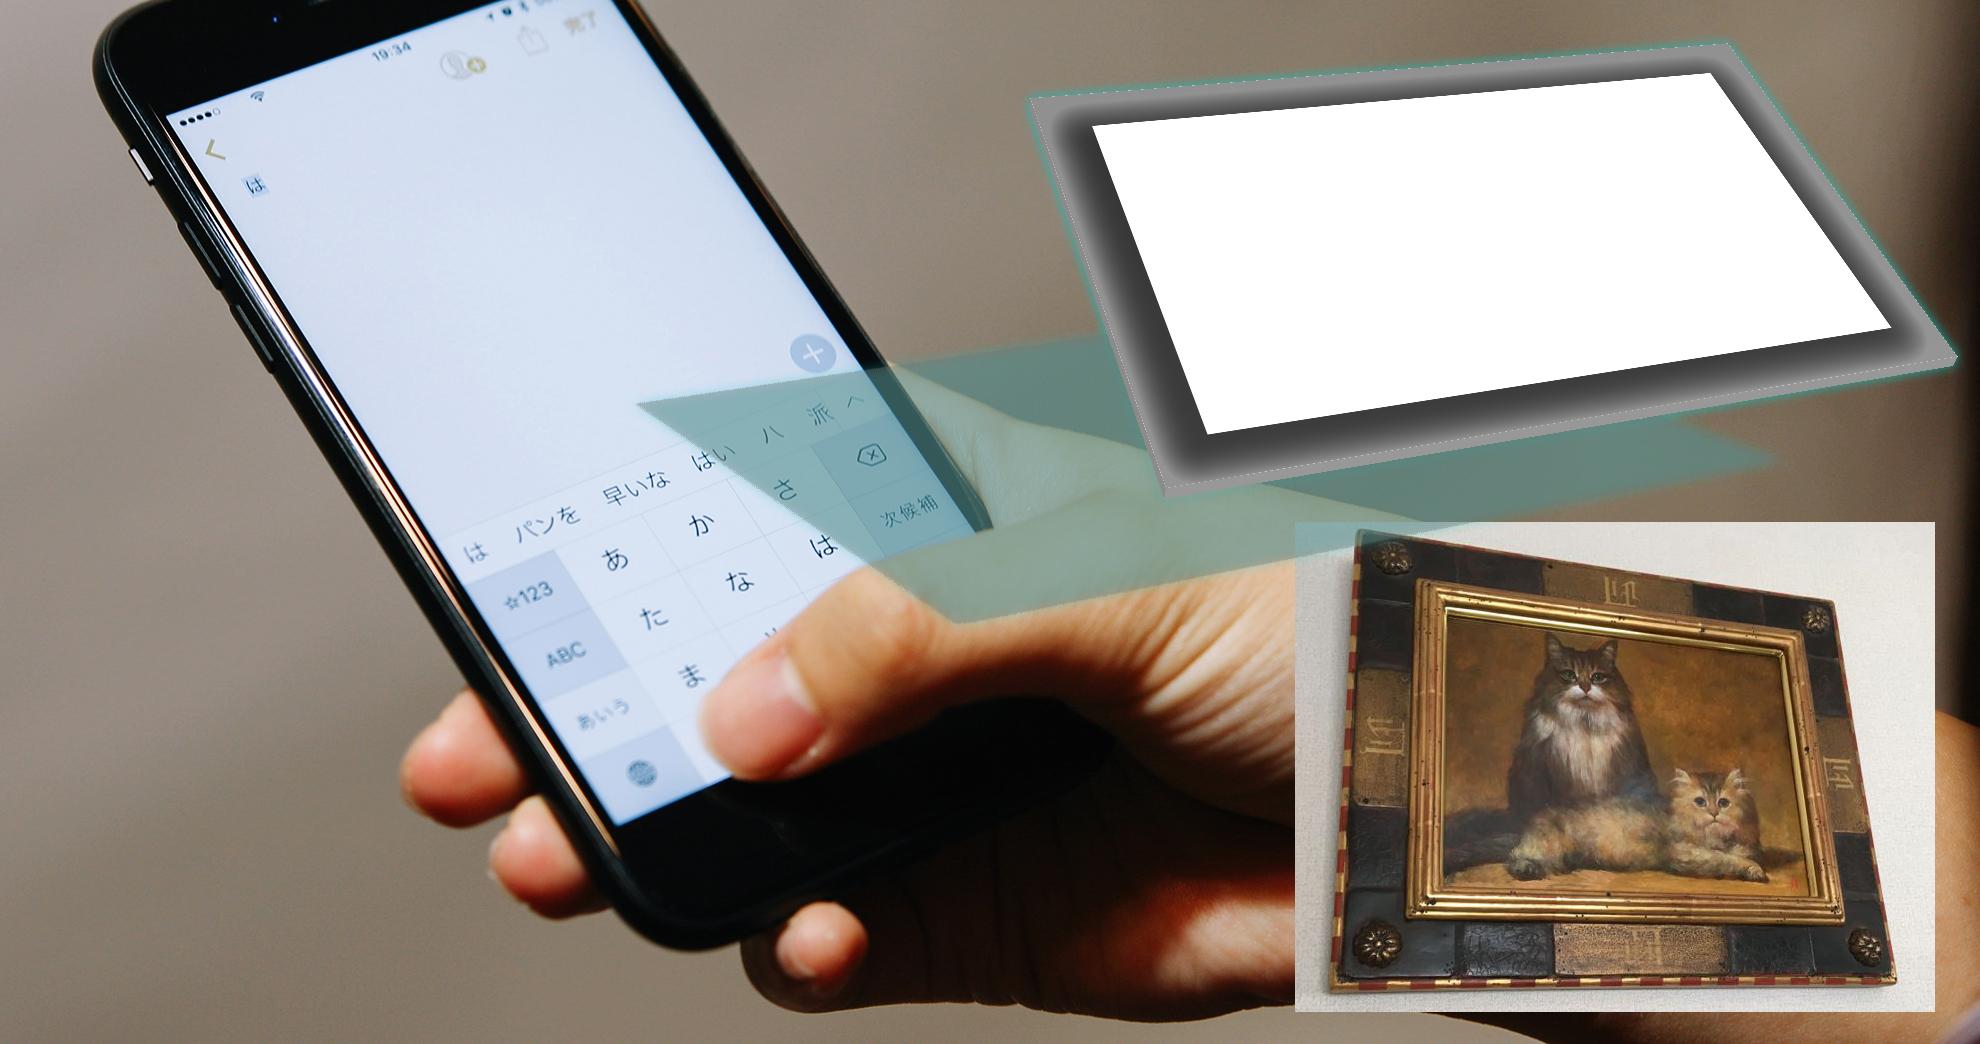 このように額縁のガラスやトレース台、タッチパネル、商品撮影の際にも使用されます。